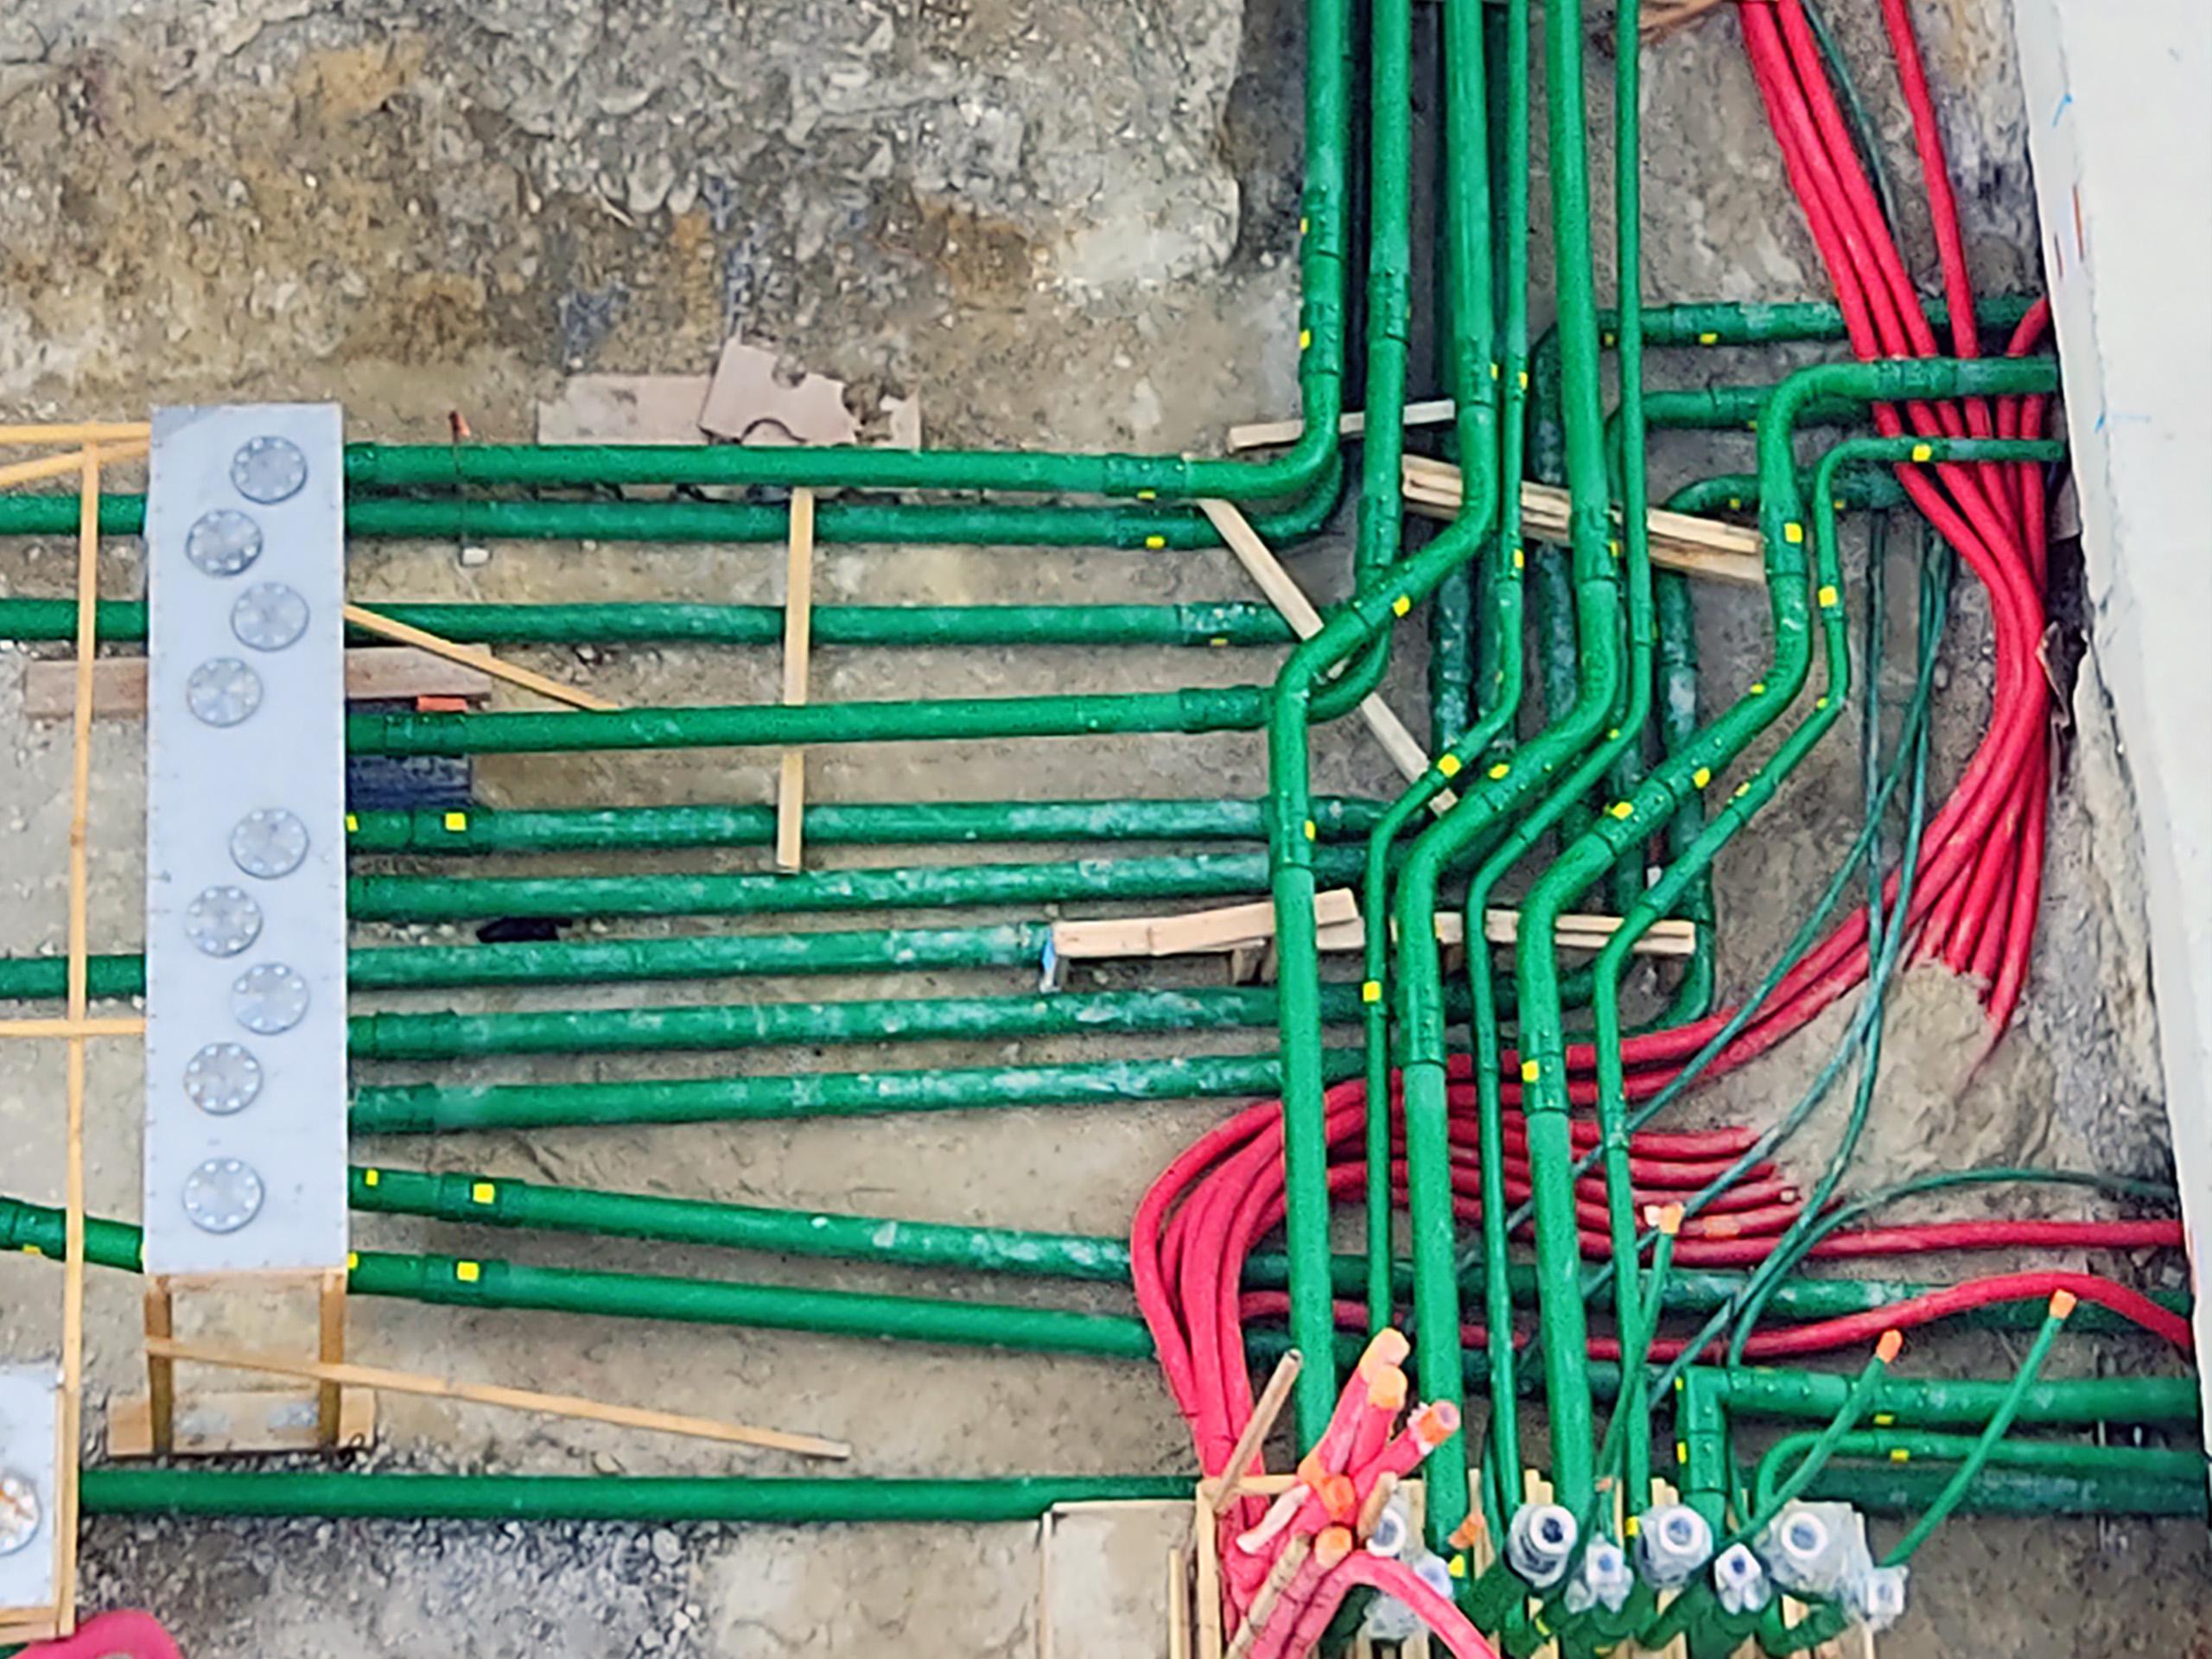 La tubería conductora KPS evita la acumulación de electricidad estática en el sistema.